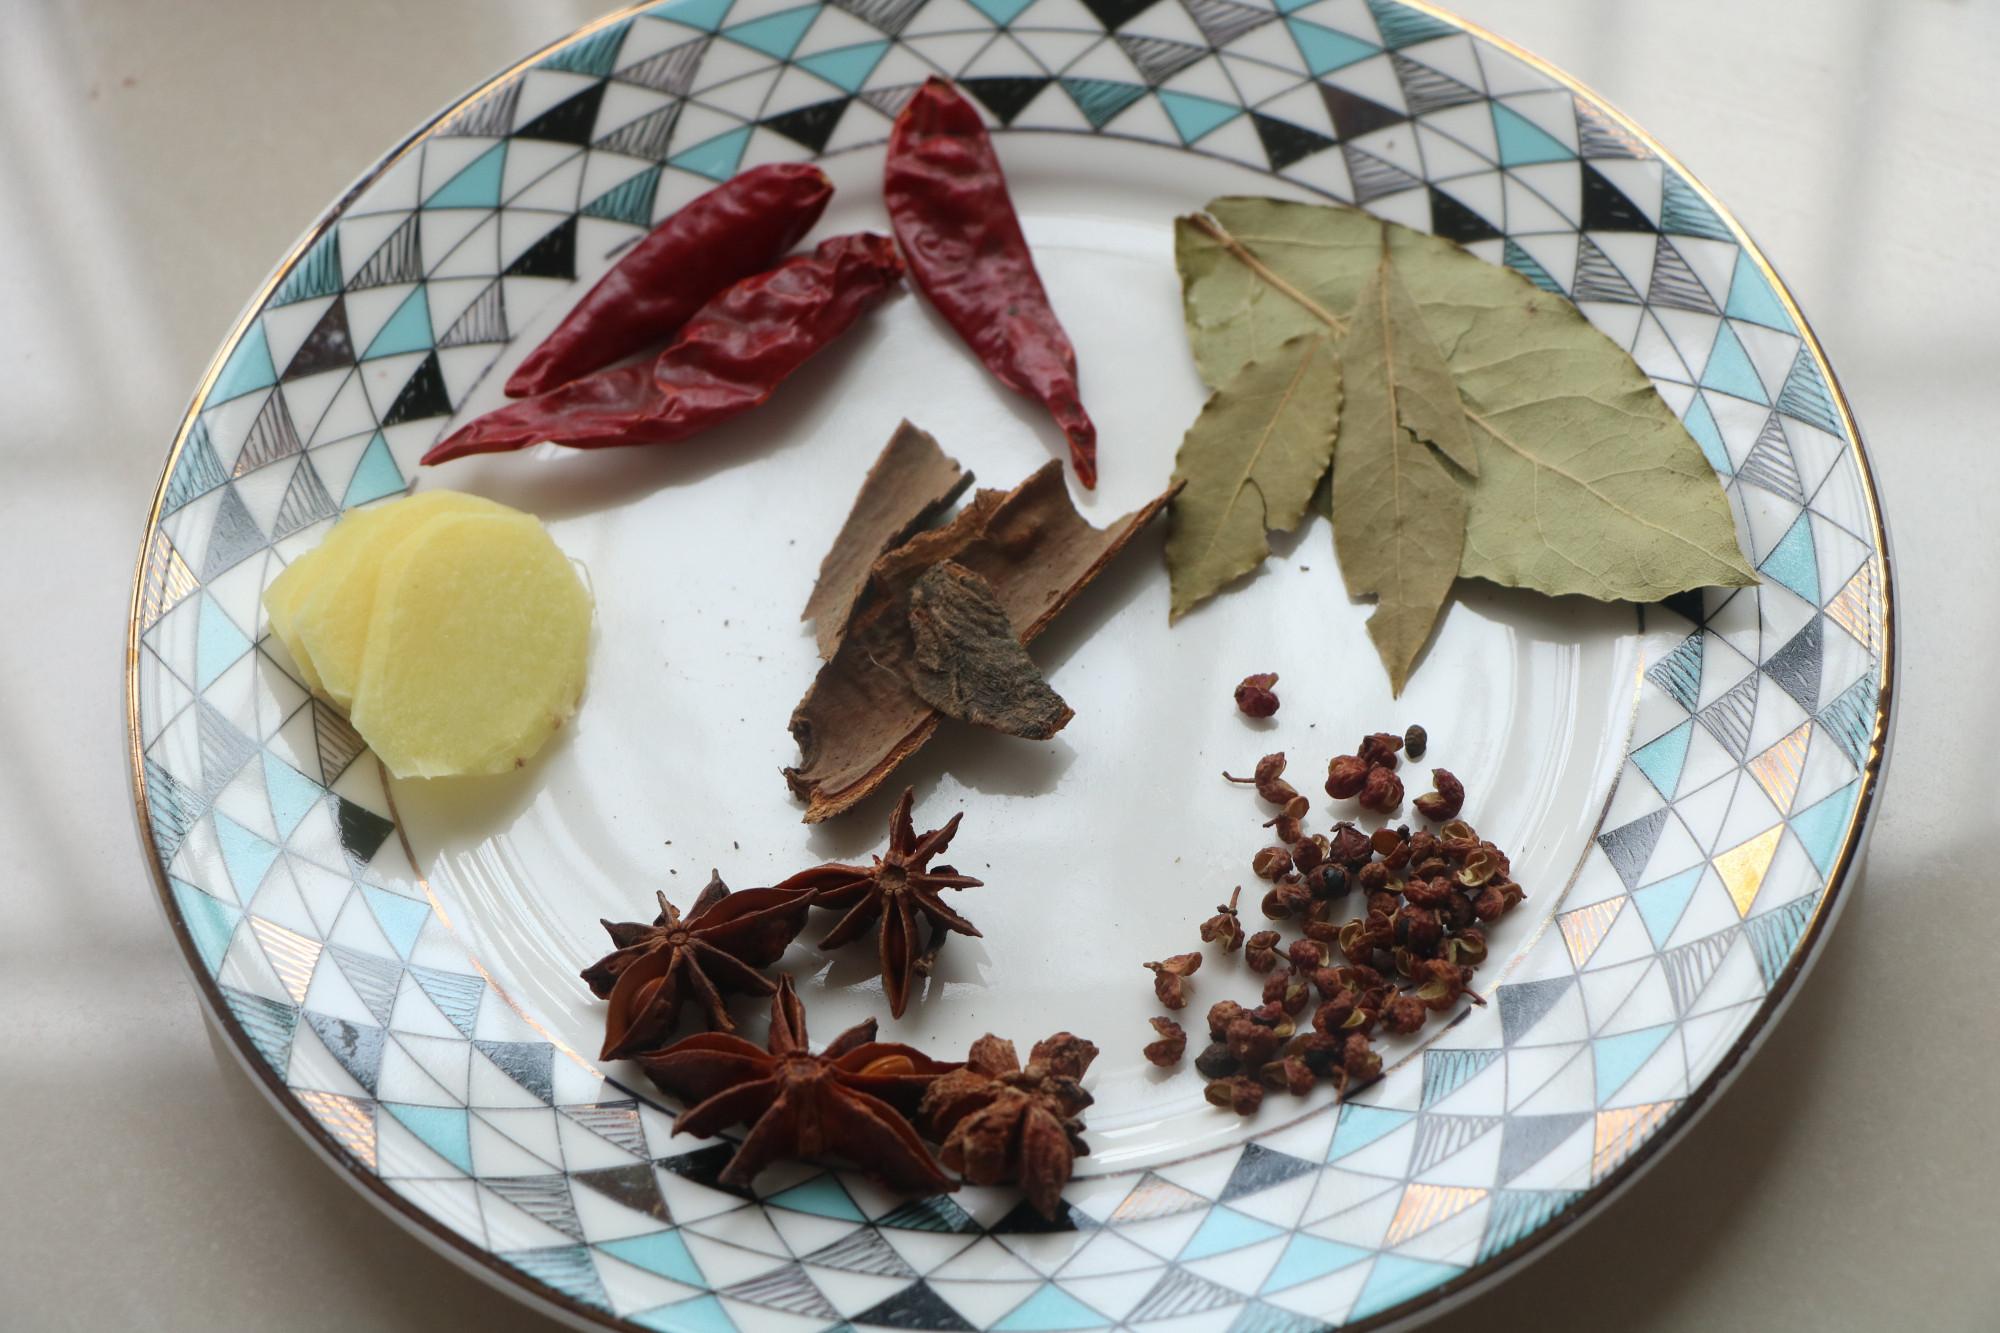 立秋之后,绝对不能错过的美味,卤上一锅,当零食又当下酒菜